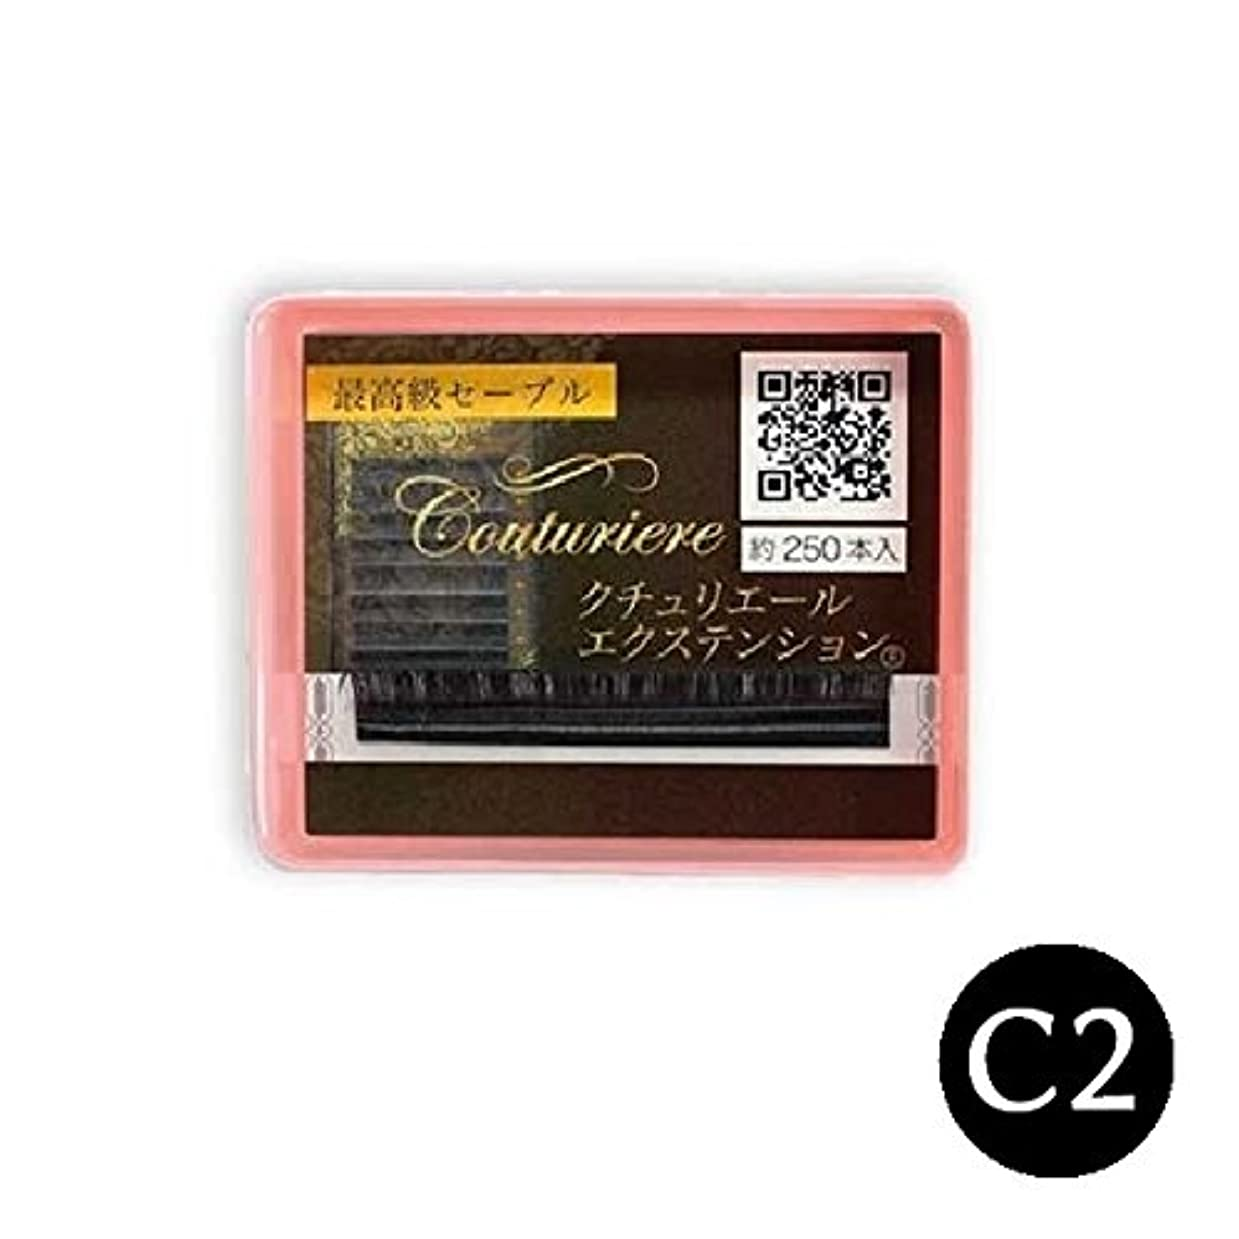 まつげエクステ マツエク クチュリエール C2カール (1列) (0.15mm 9mm)